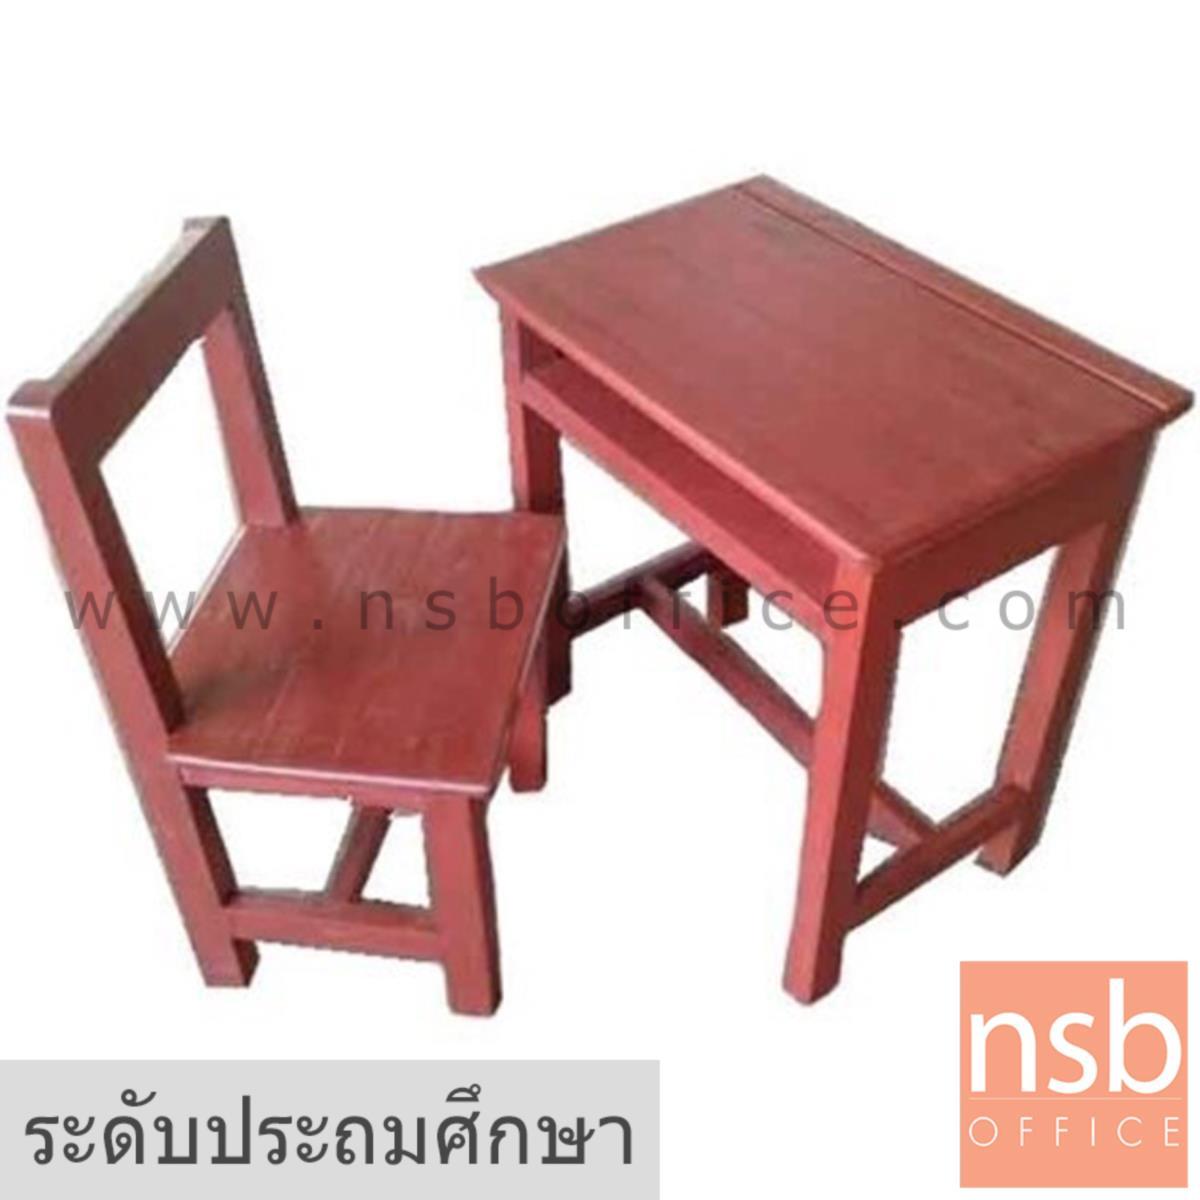 A17A064:ชุดโต๊ะและเก้าอี้นักเรียนไม้แข็งล้วน รุ่น MASSACHUSETTS (แมสสาซูเสตส์)  ระดับประถมศึกษา